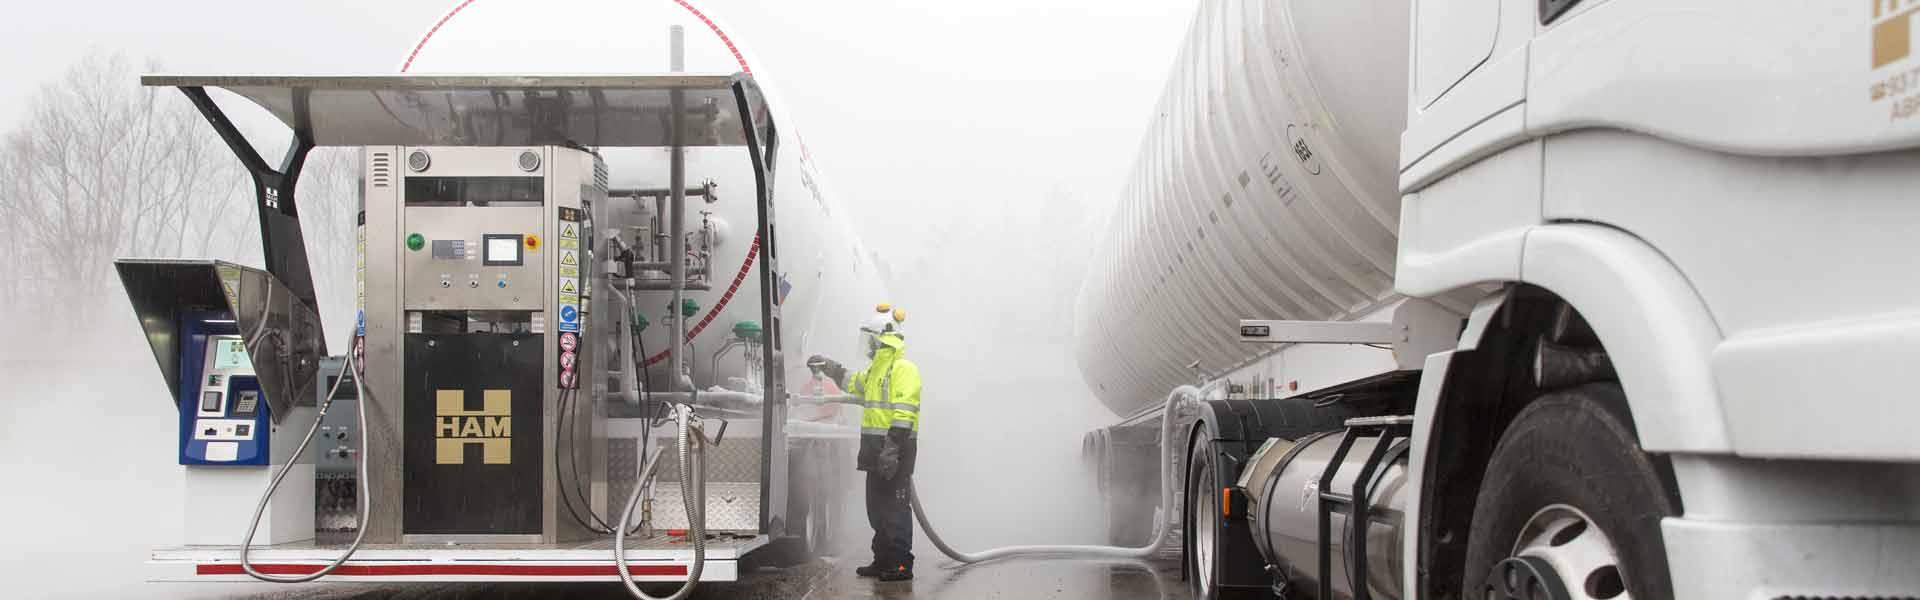 Qu'est-ce que le gaz naturel liquéfié (GNL)